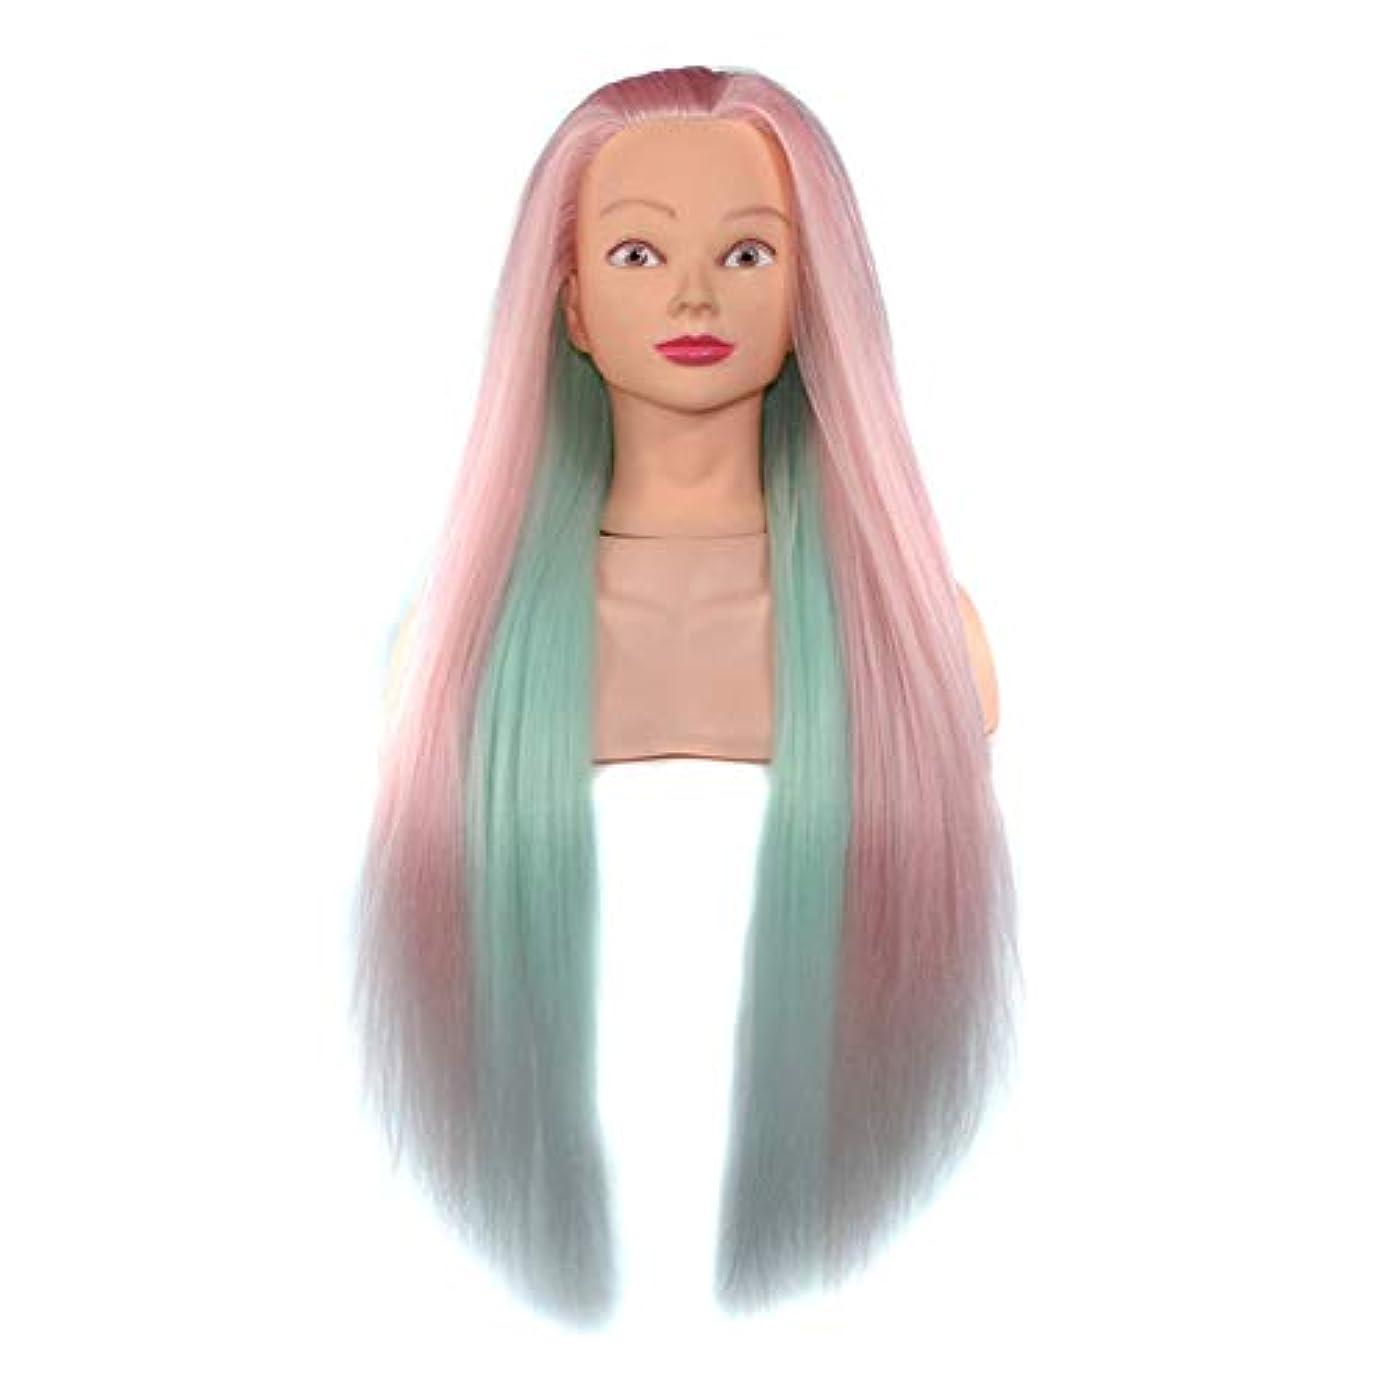 管理者愛情深いきちんとしたヘアスタイリング練習ディスクヘア学習ヘッドモデル美容院高温ワイヤートレーニングヘッドマネキン人形ヘッド